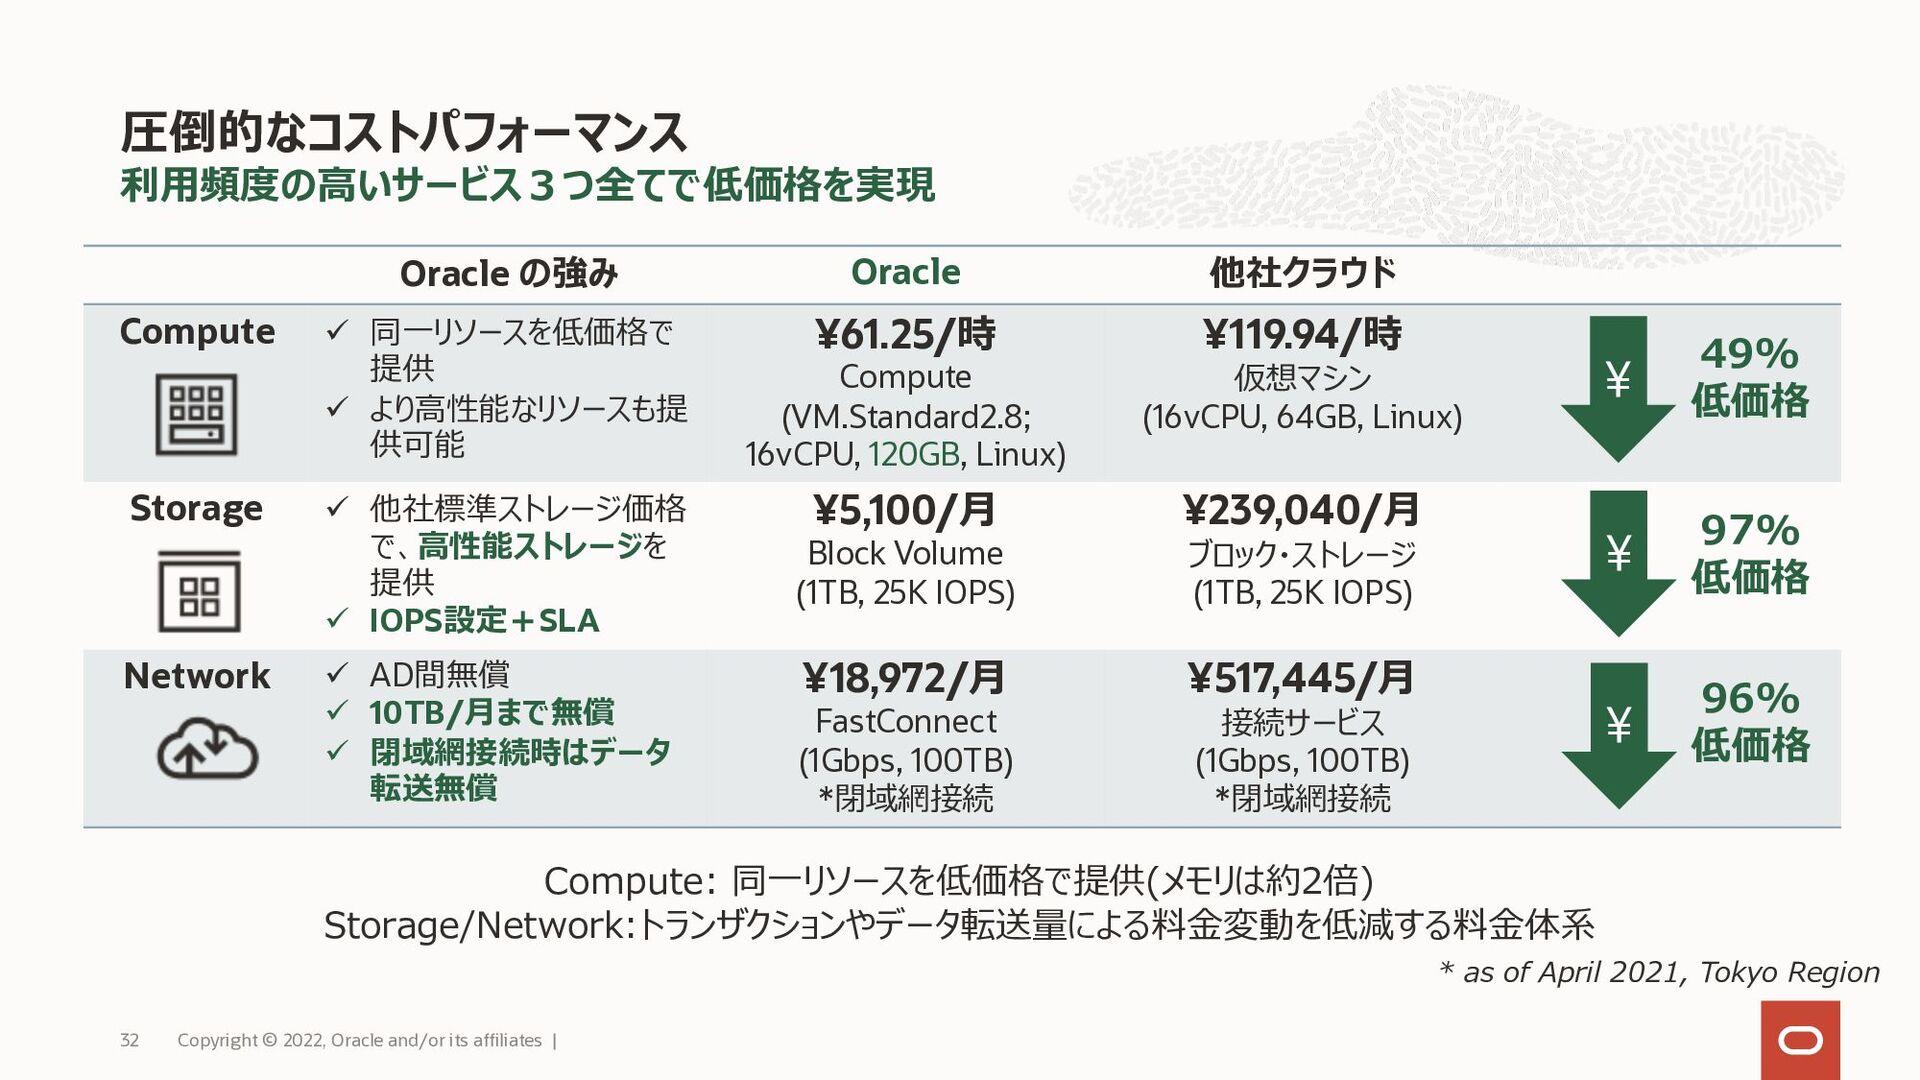 ⼀般的な可⽤性だけでなく、性能/管理も加える 安定した⾼速な基盤を元に、業界初のSLAを定義 ...